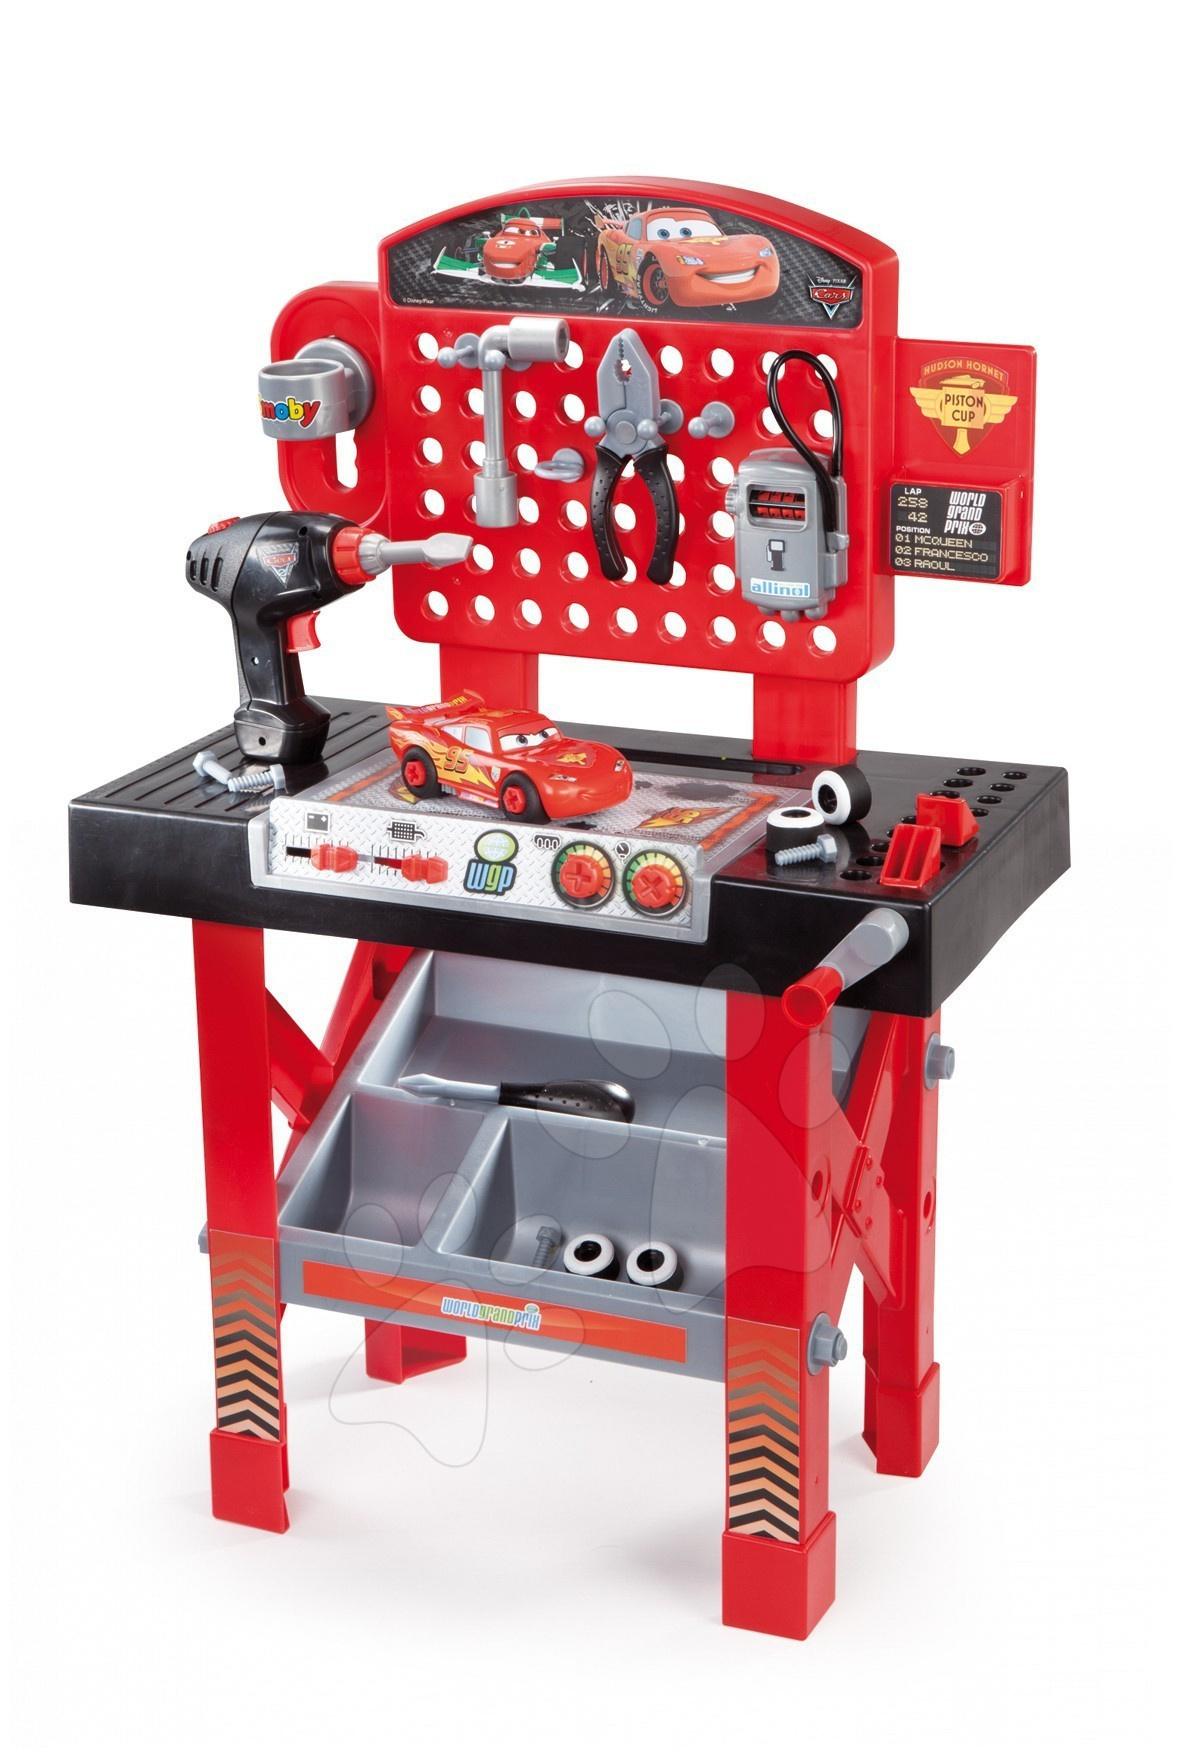 Pracovní dětská dílna - Pracovní stůl Auta Smoby s mechanickou vrtačkou, autíčkem McQueen a 20 doplňky